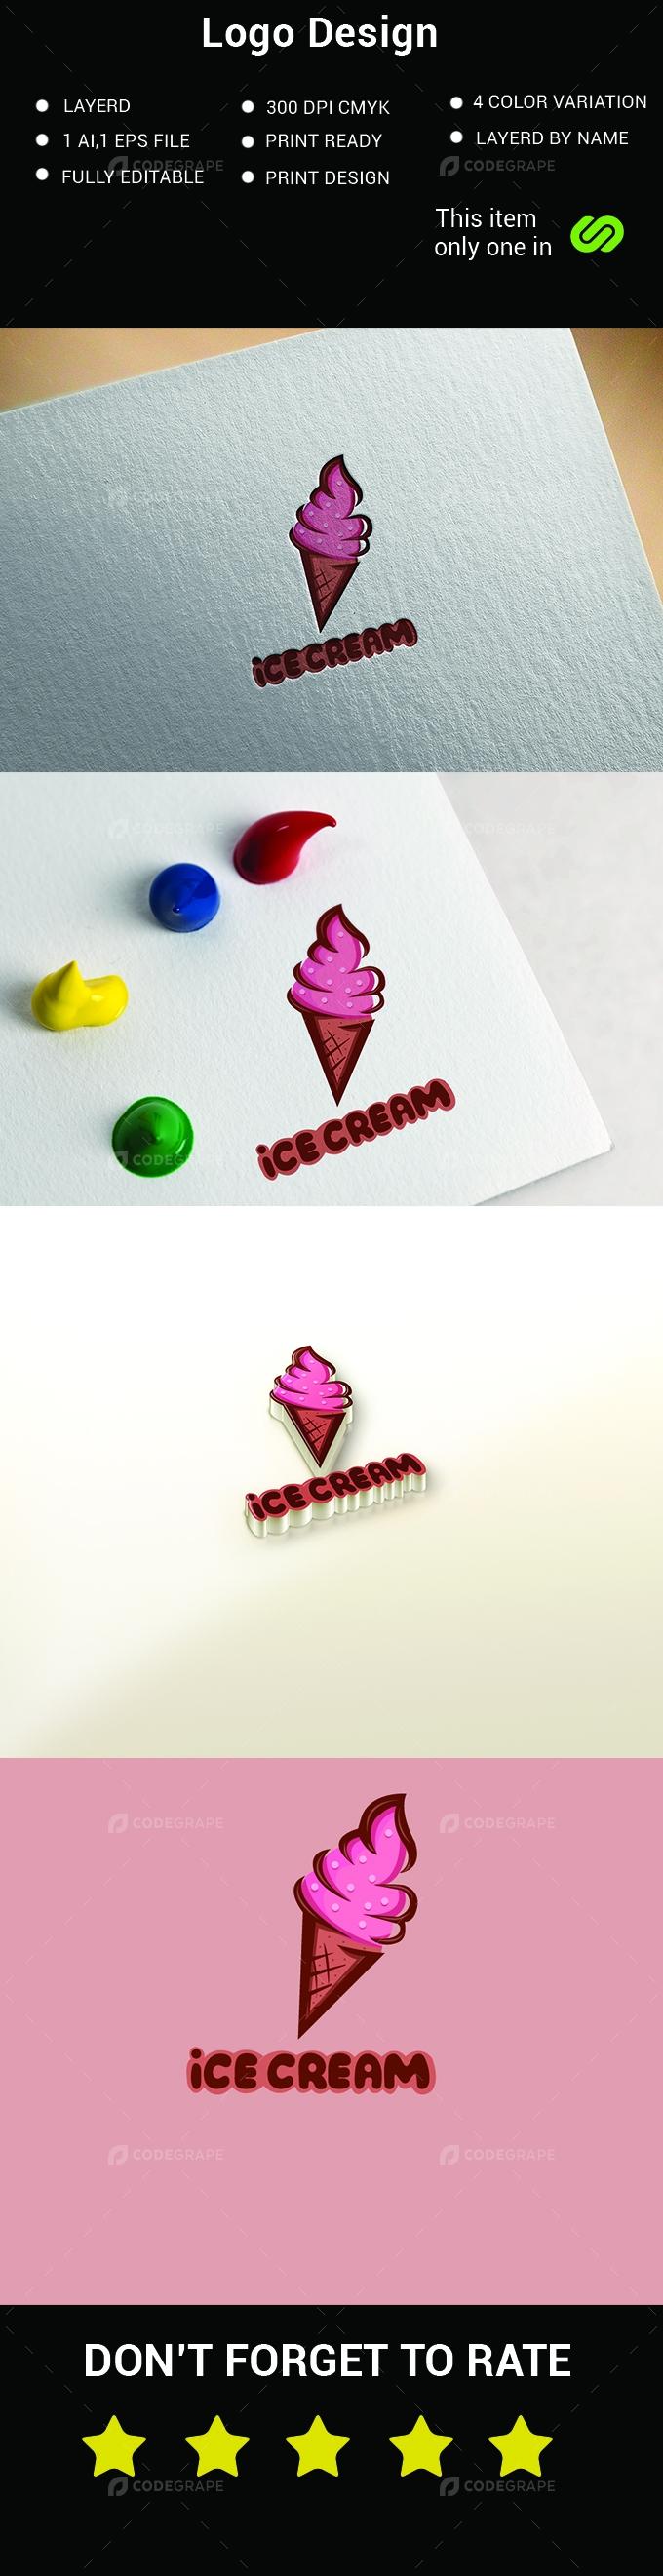 Icecream Logo Design